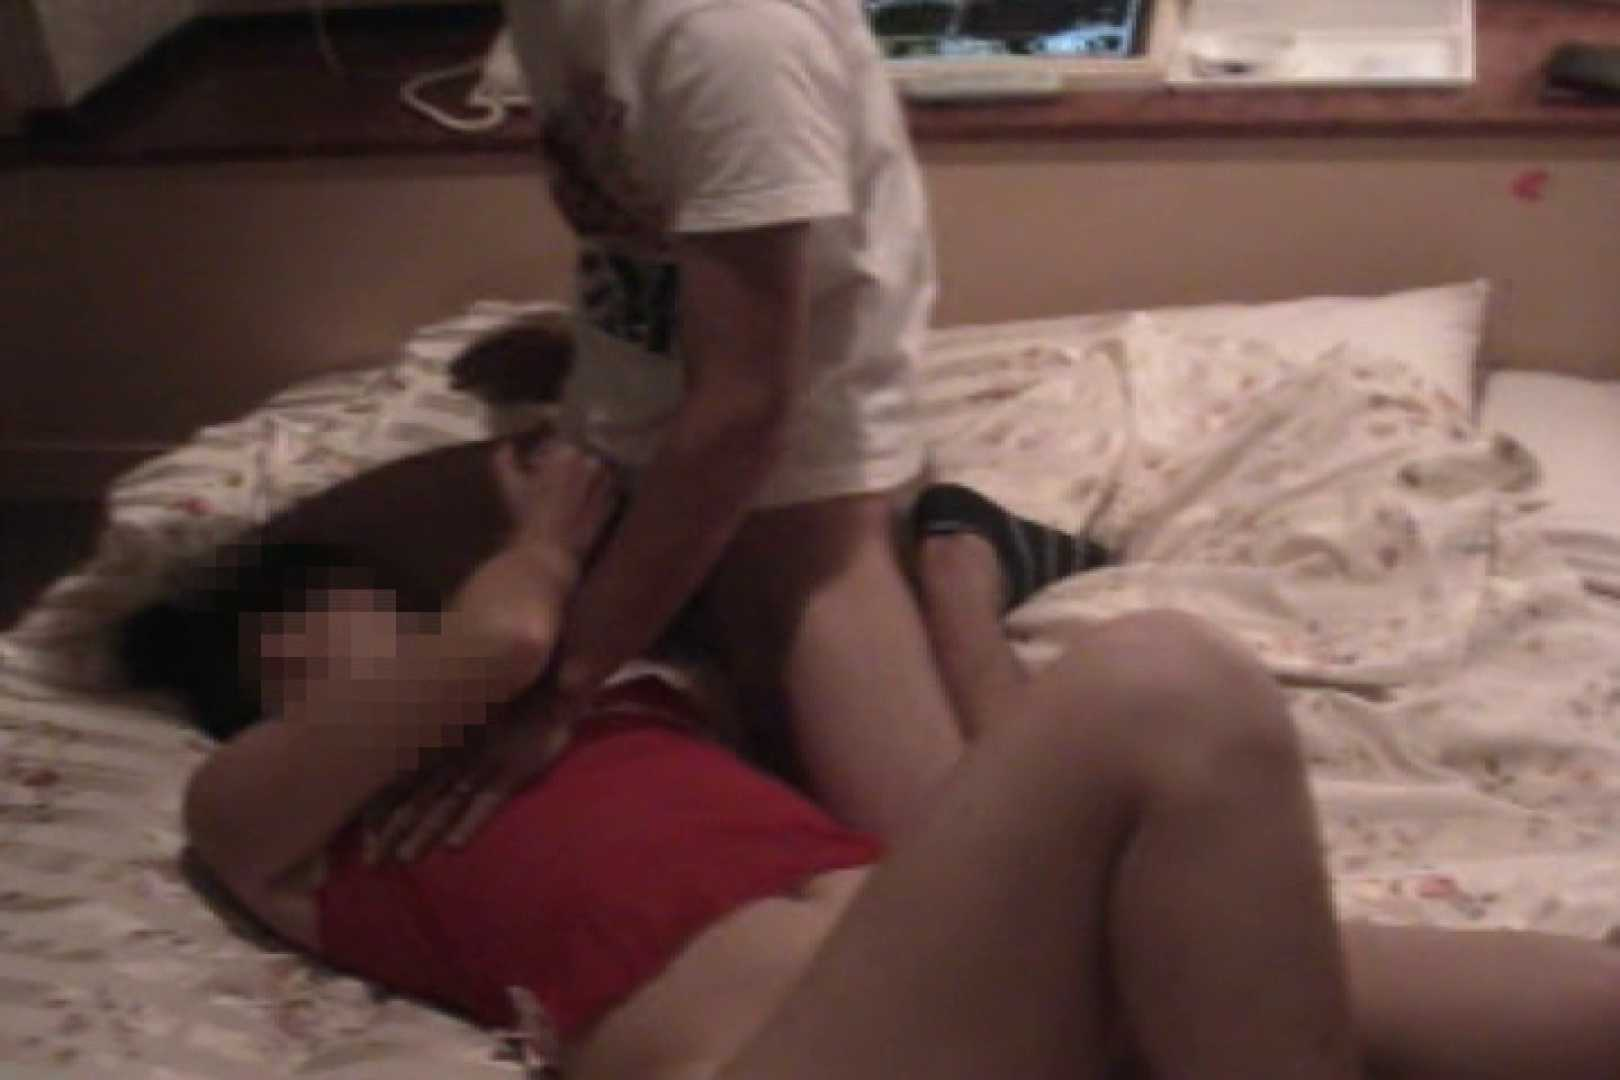 ハメ撮り不倫妻 コーヒーショップ店員S子 一般投稿 | 素人流出動画  76枚 19